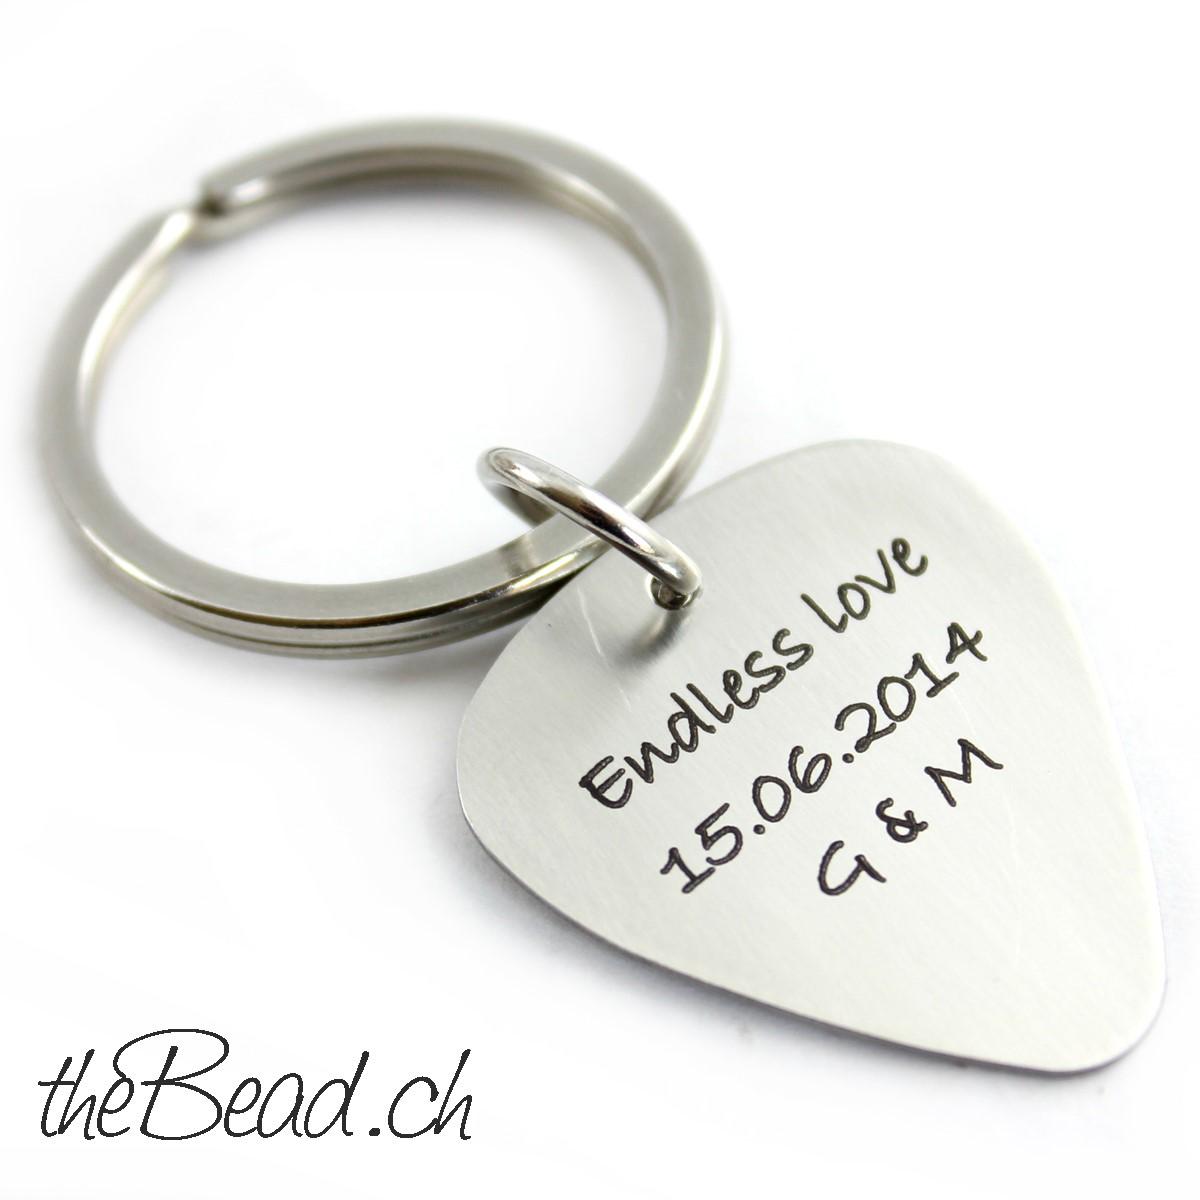 Schlüsselanhänger mit Plektrum aus Edelstahl und Wunsch Gravur graviert vom Gravur Shop theBead